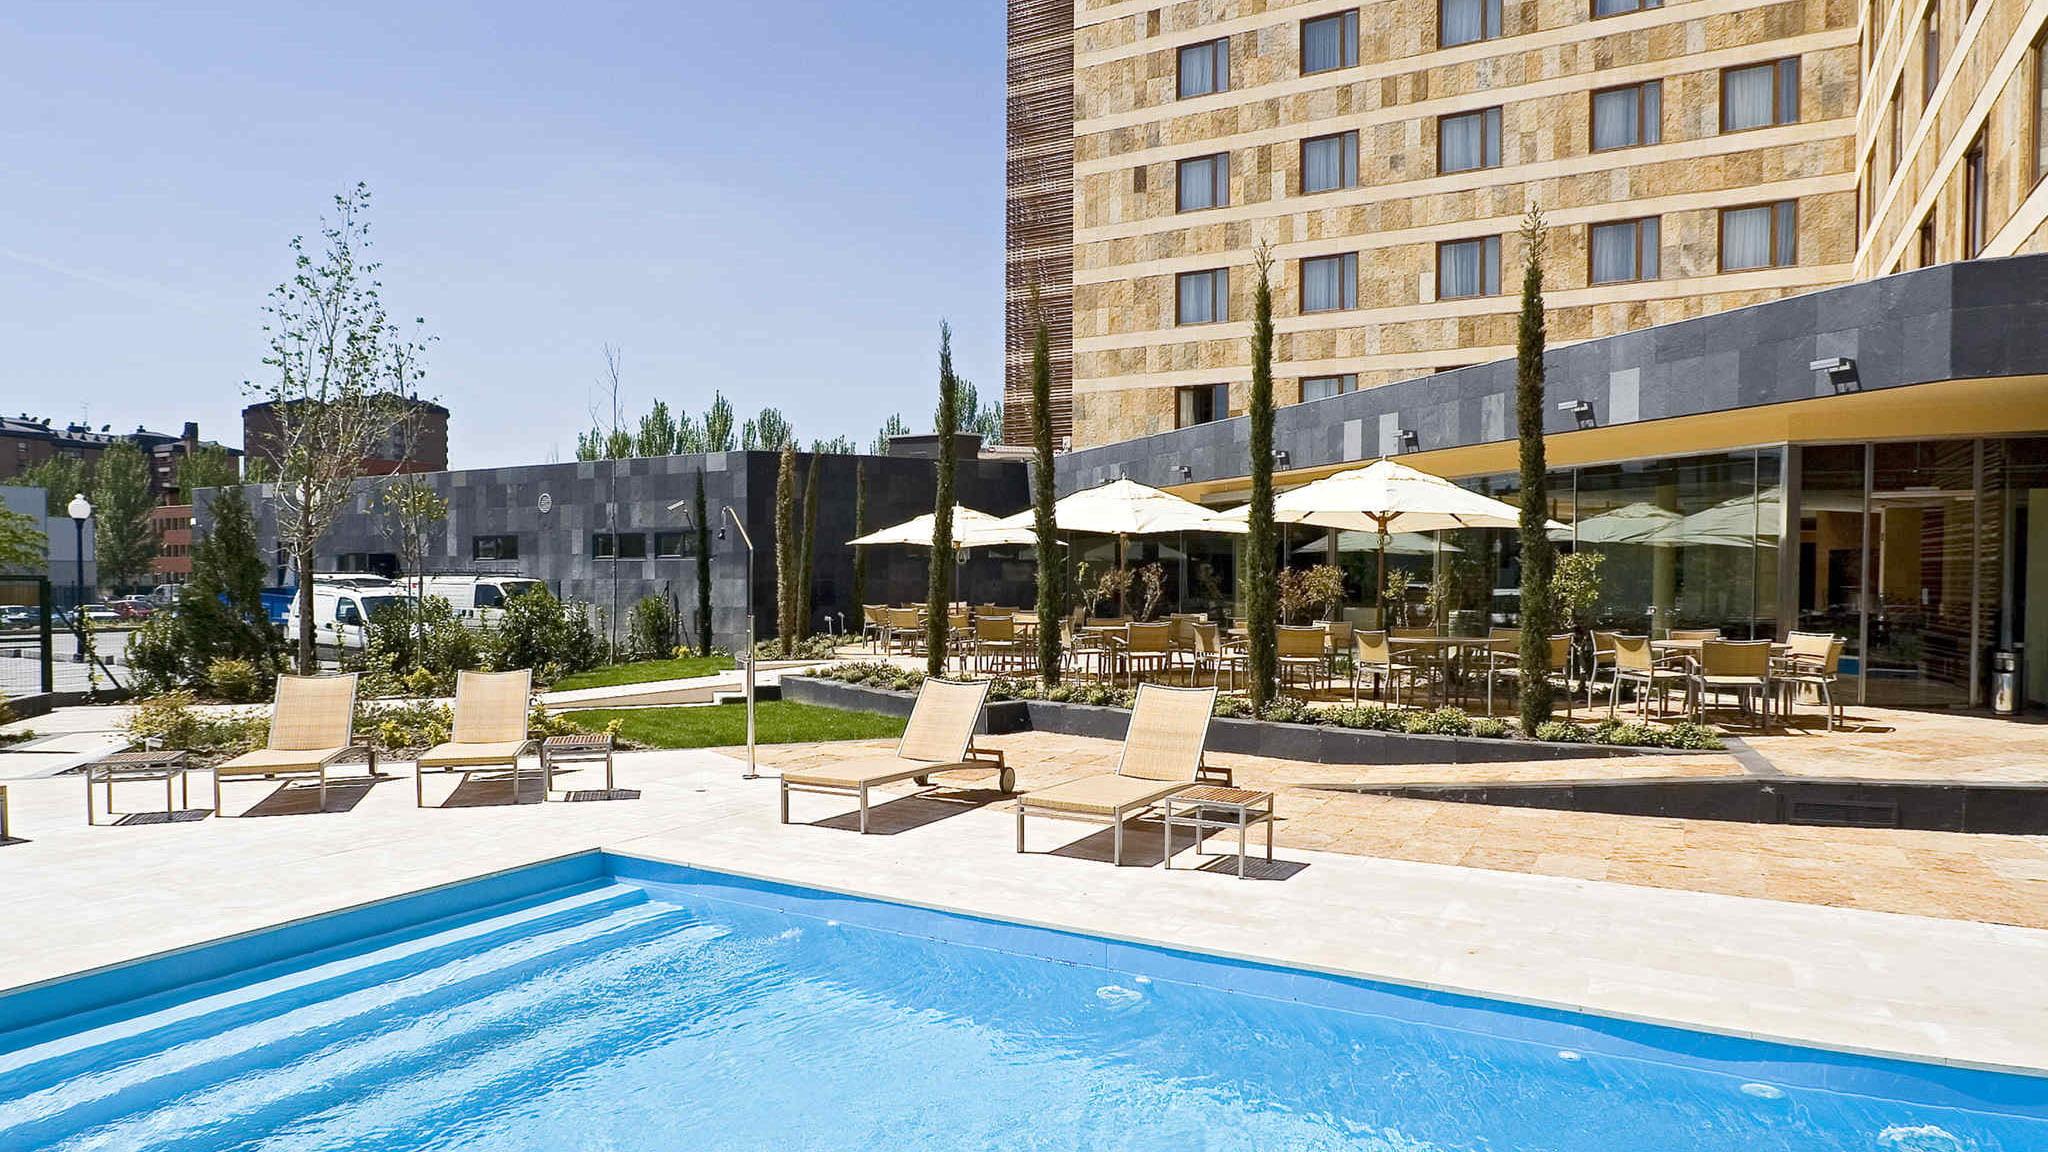 Exterior del hotel novotel de valladolid - Hoteles con piscina en valladolid ...